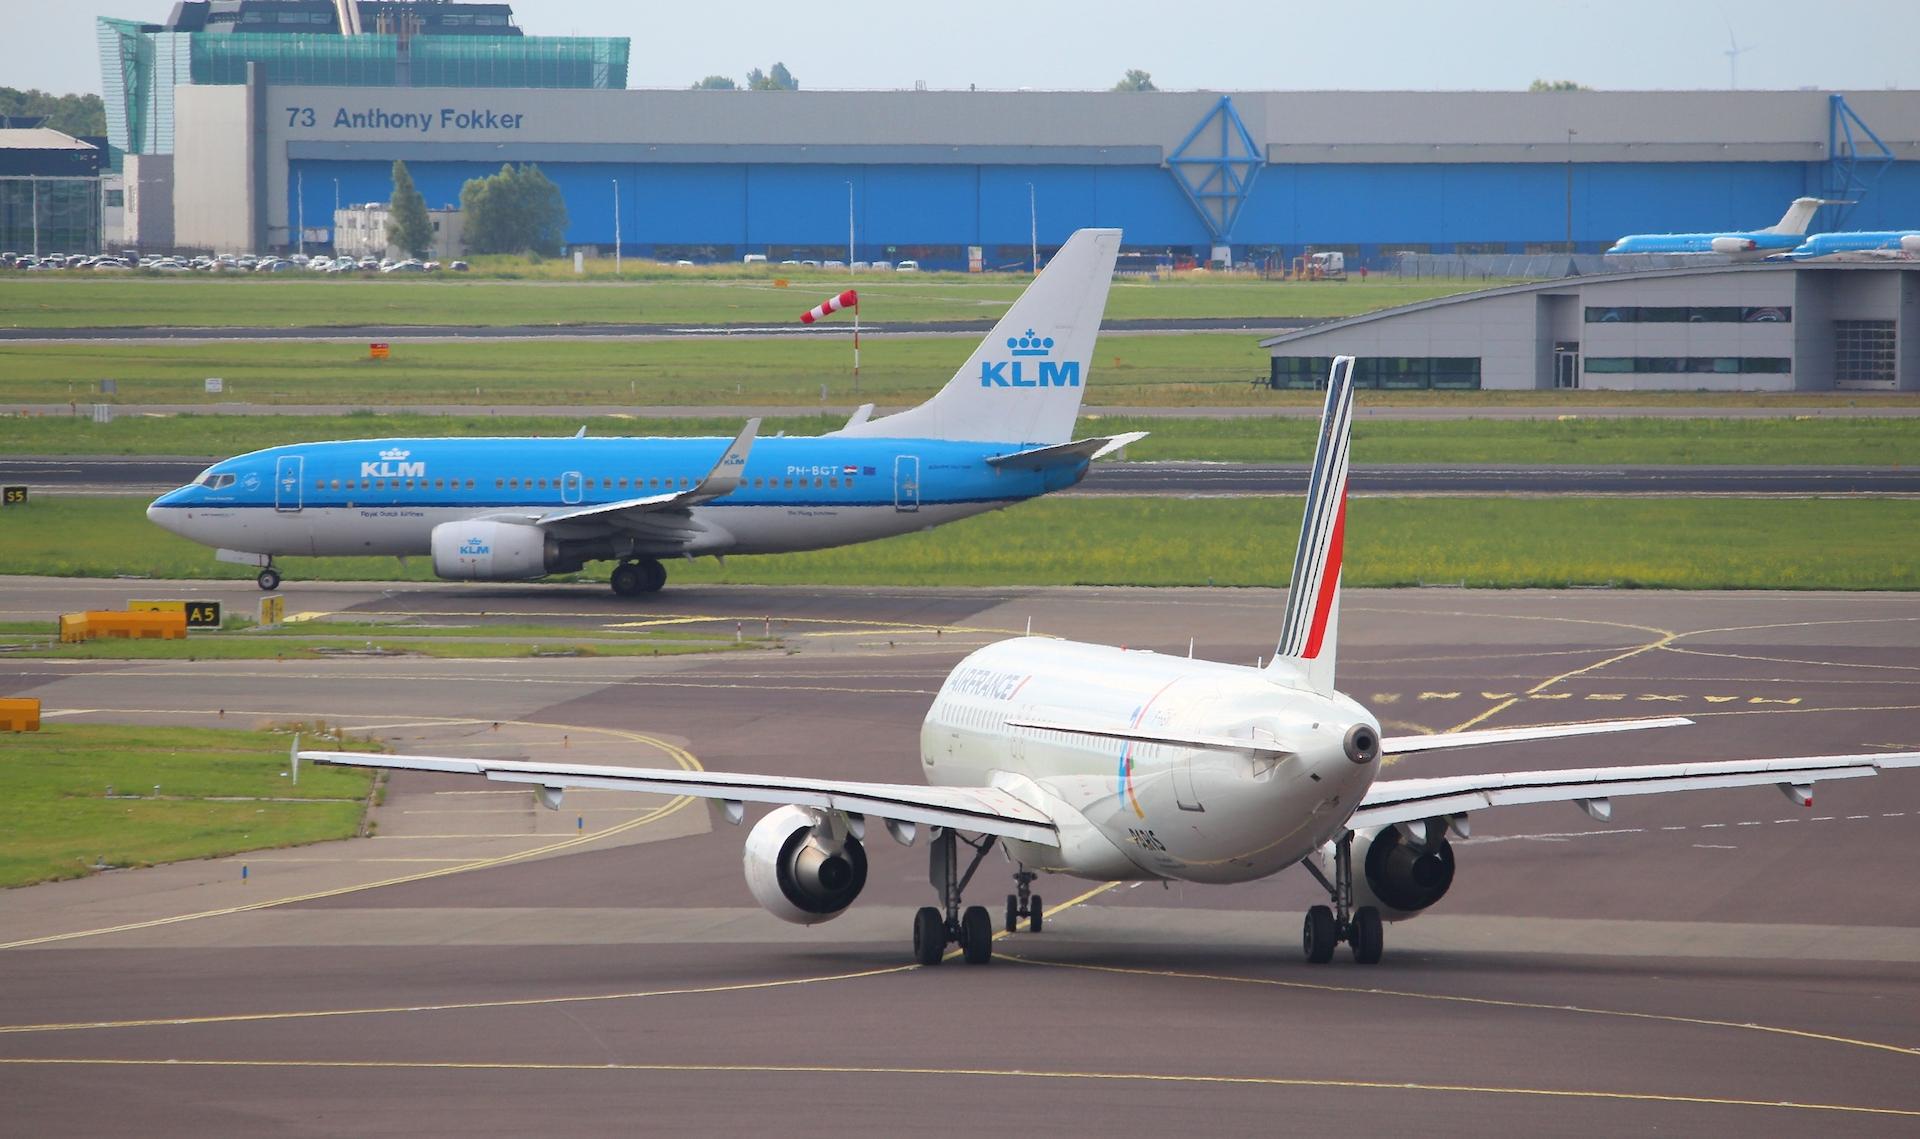 Air France e KLM, uno degli affari più importanti degli ultimi anni in termini di fusioni e acquisizioni